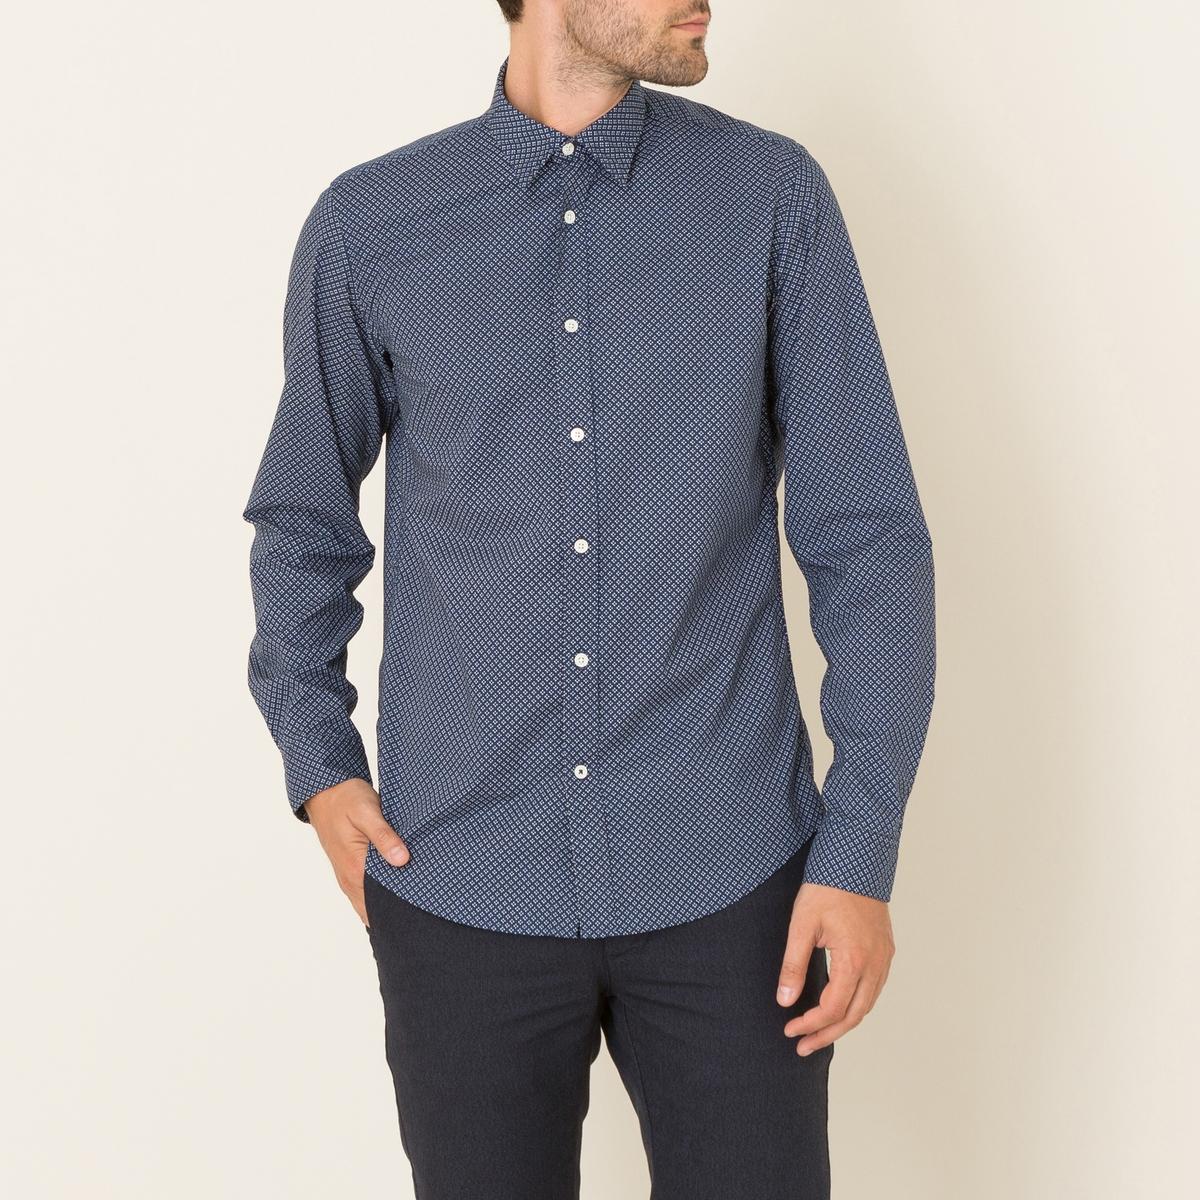 Рубашка SAMMYРубашка HARTFORD, модель SAMMY. Покрой Slim Fit. Классический воротник. Длинные рукава с застежкой на пуговицы. Сплошной цветочный микроузор.Состав и описание    Материал : 100% хлопокМарка : HARTFORD<br><br>Цвет: темно-синий